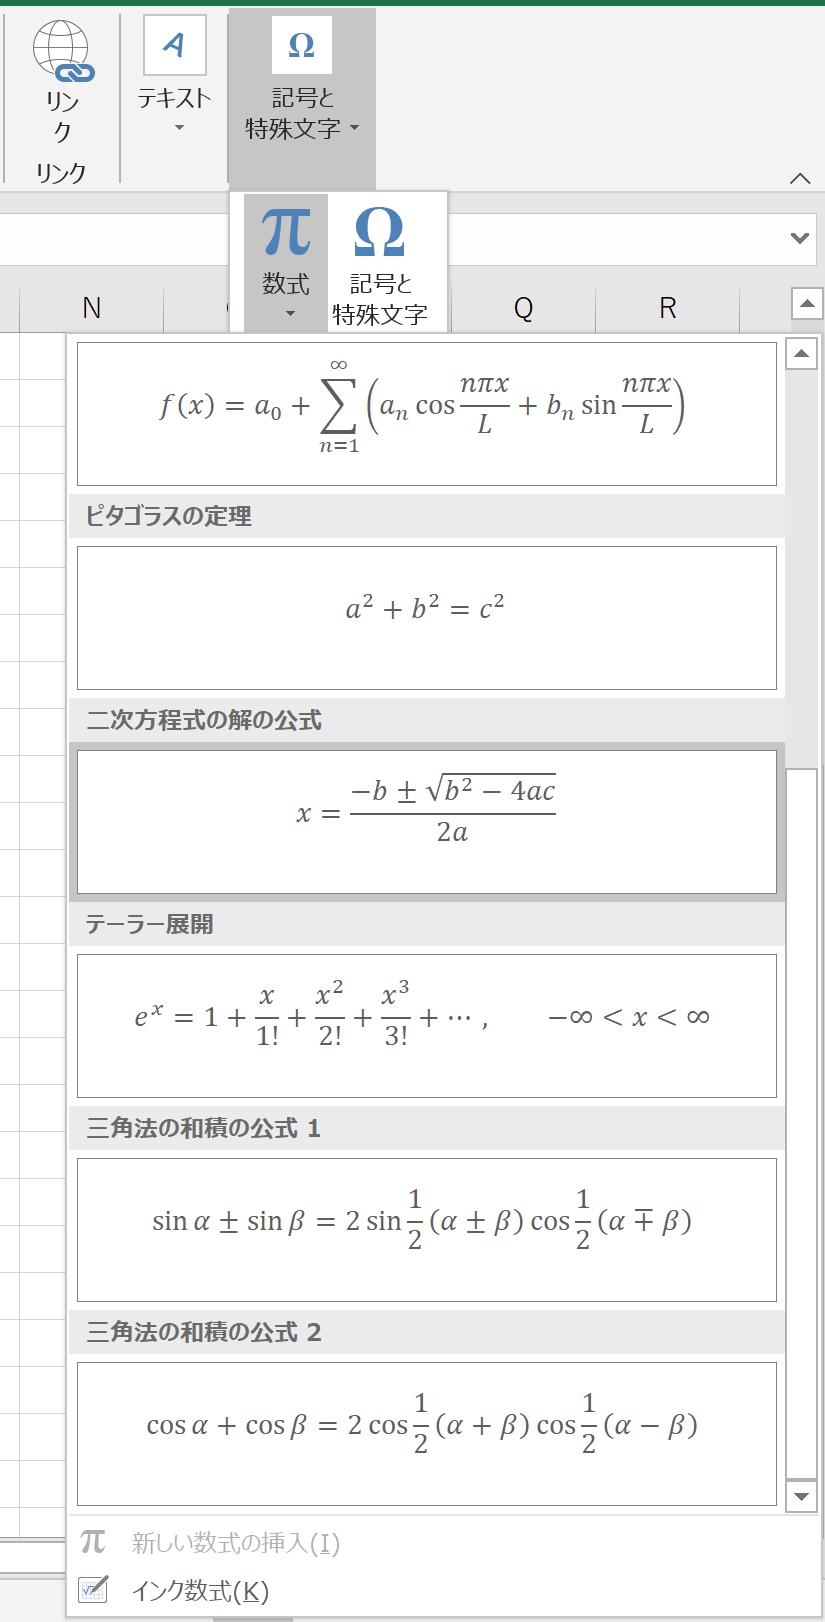 Excel 2019 [記号と特殊文字]>[数式]>「二次方程式の解の公式」